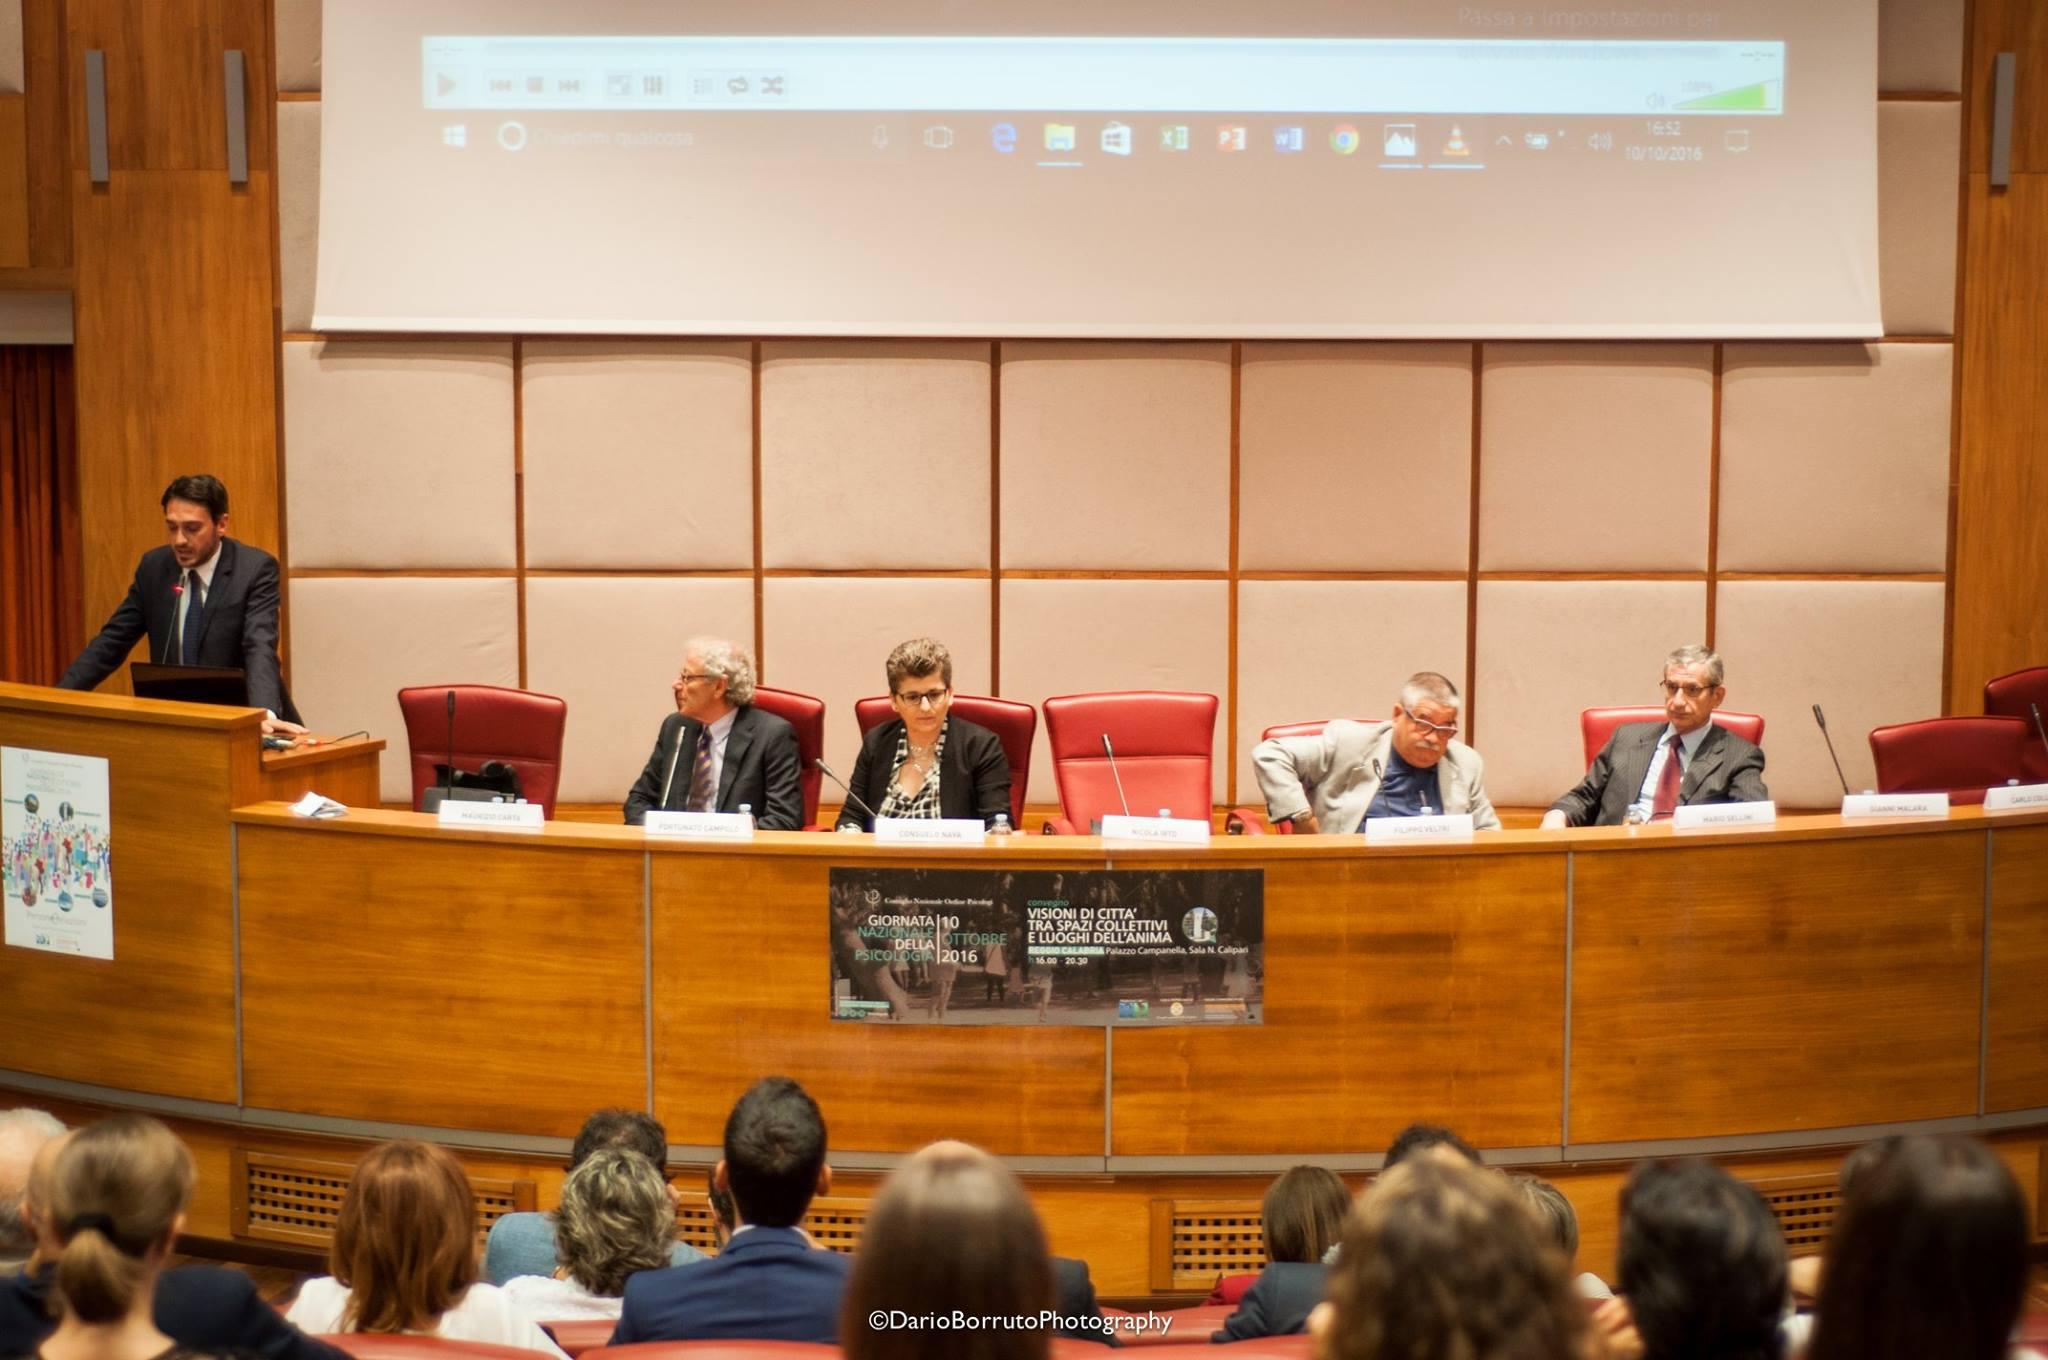 Reggio – Convegno psicologi: relazioni e progetti di visioni di città con Learning city